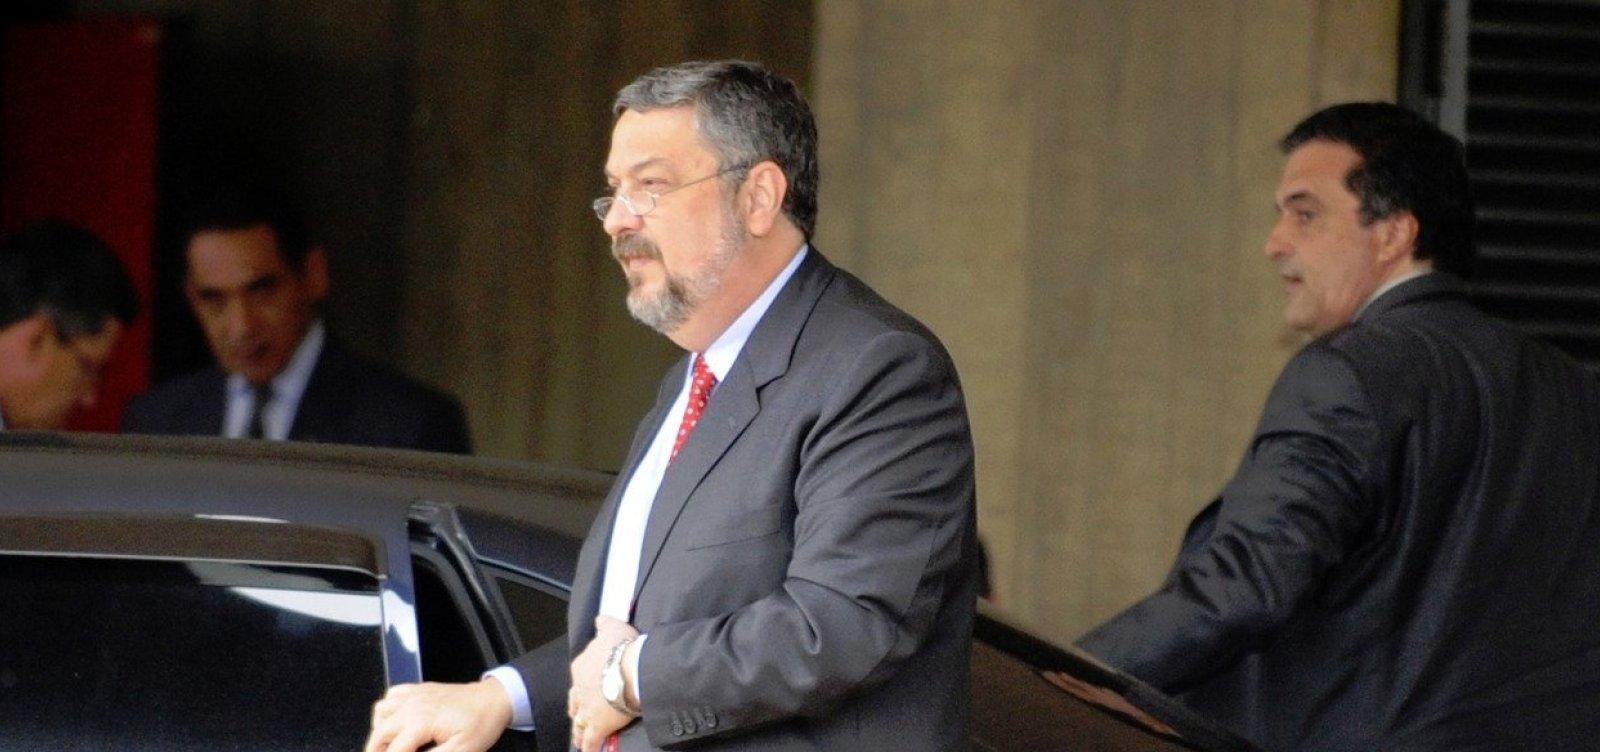 Palocci diz que houve propina em 90% das medidas aprovadas pelo governo